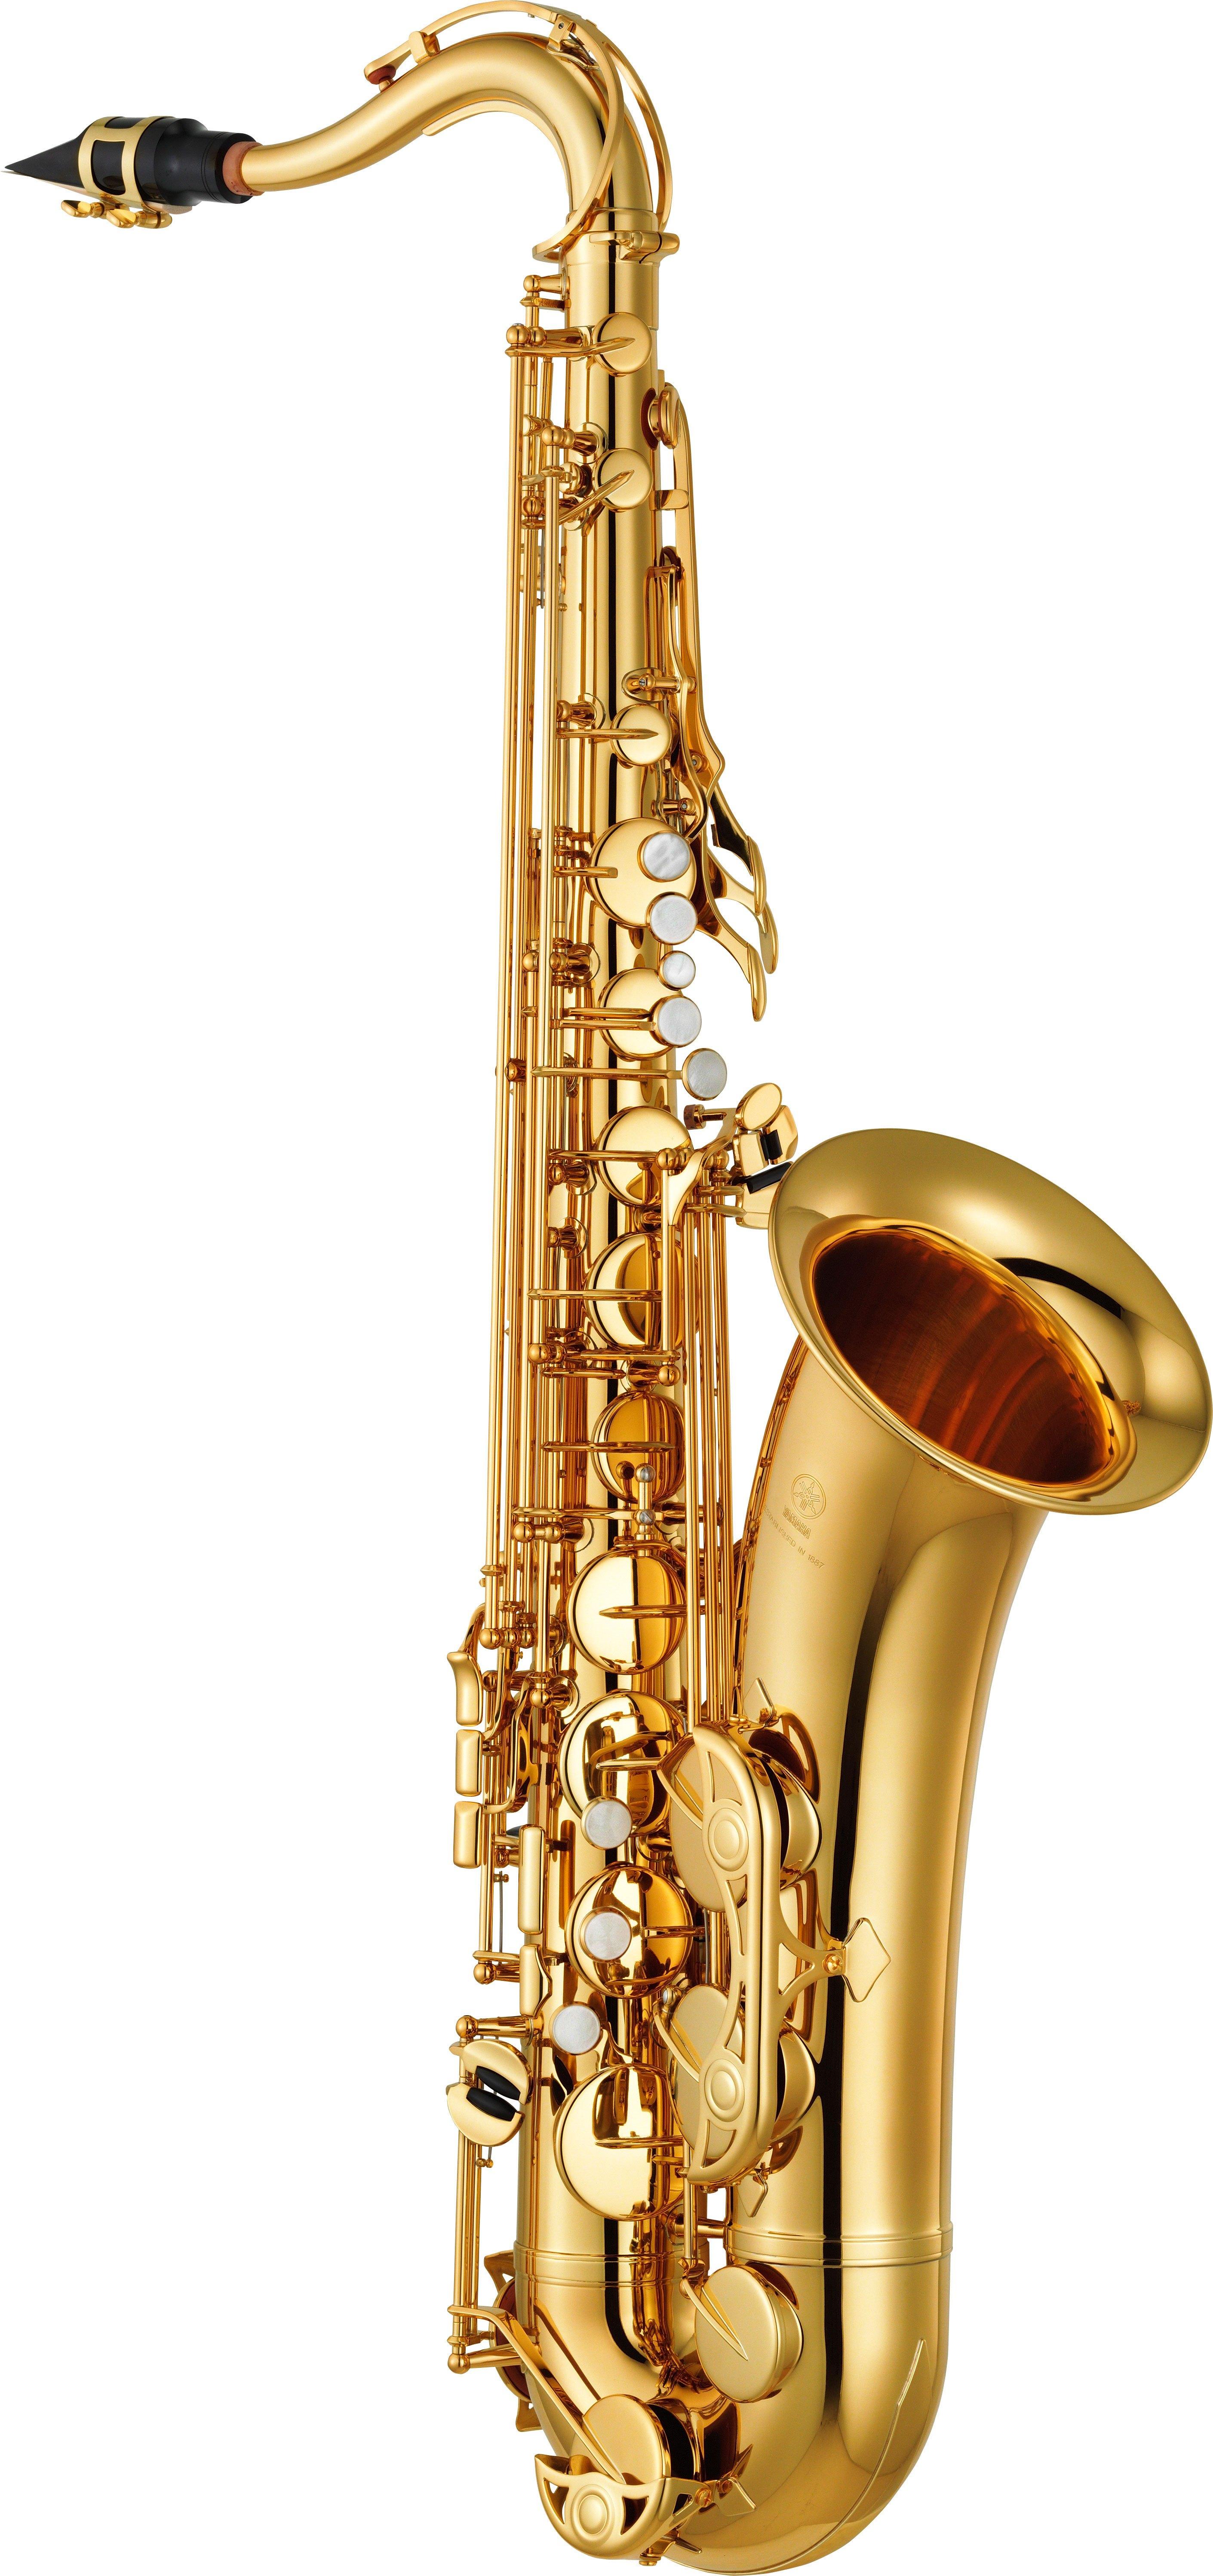 Yamaha - YTS-280 - Holzblasinstrumente - Saxophone | MUSIK BERTRAM Deutschland Freiburg